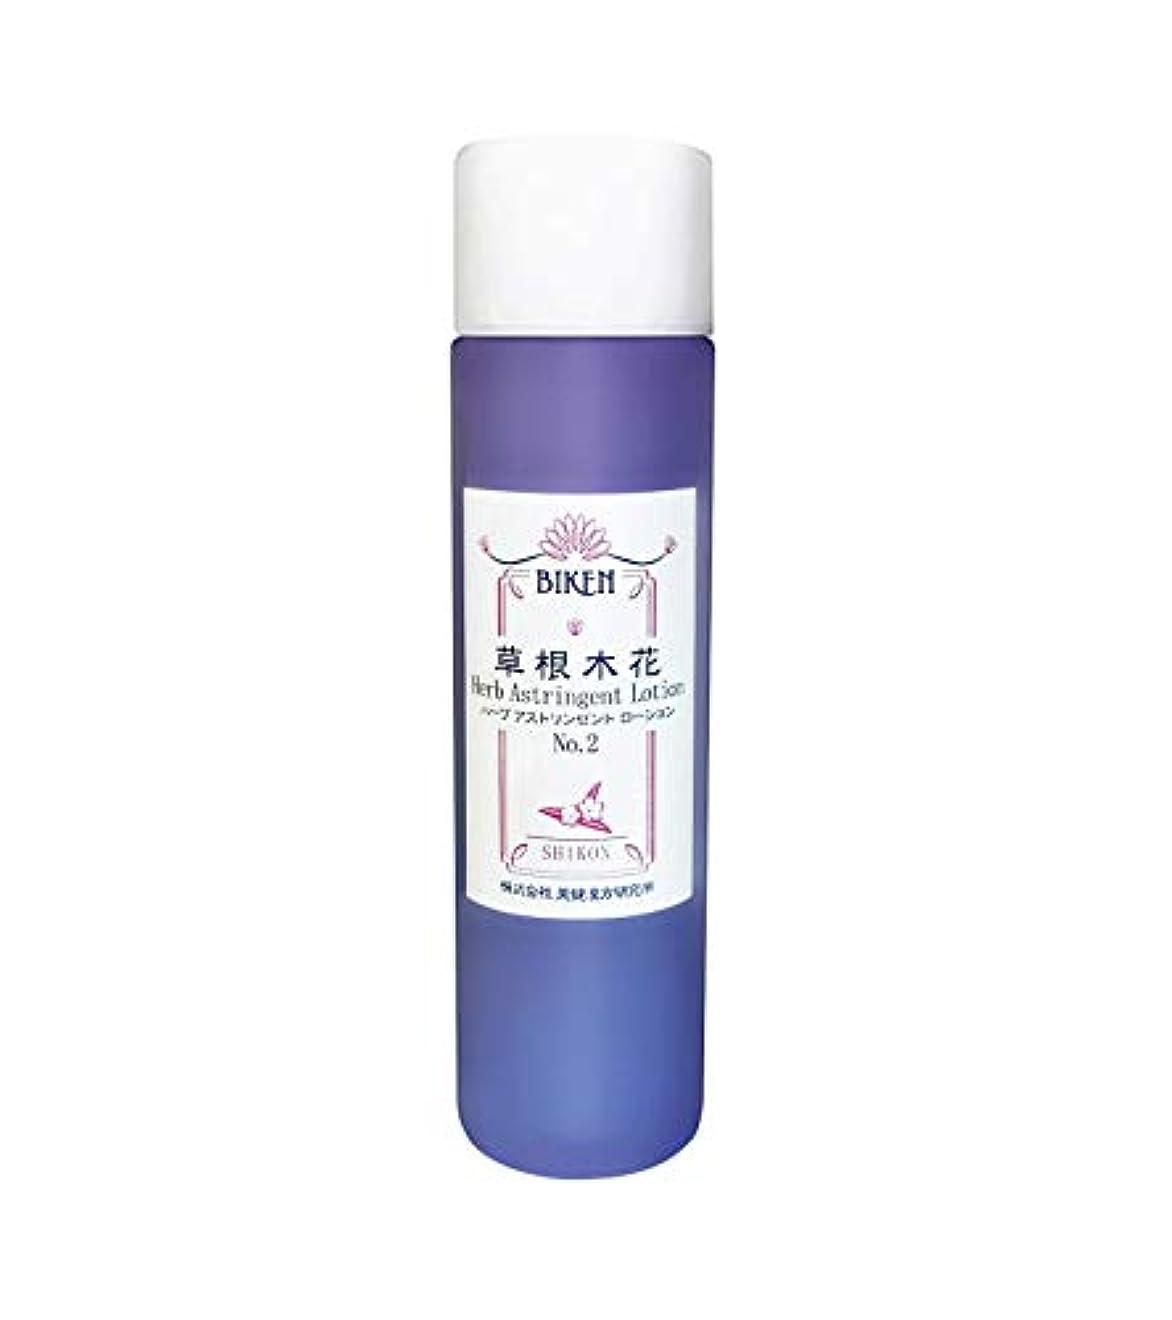 「草根木花 ハーブ アストリンゼントローショNo.2(紫根化粧水)」紫根(シコン)自然派基礎化粧品シェアドコスメ (男女兼用化粧品)